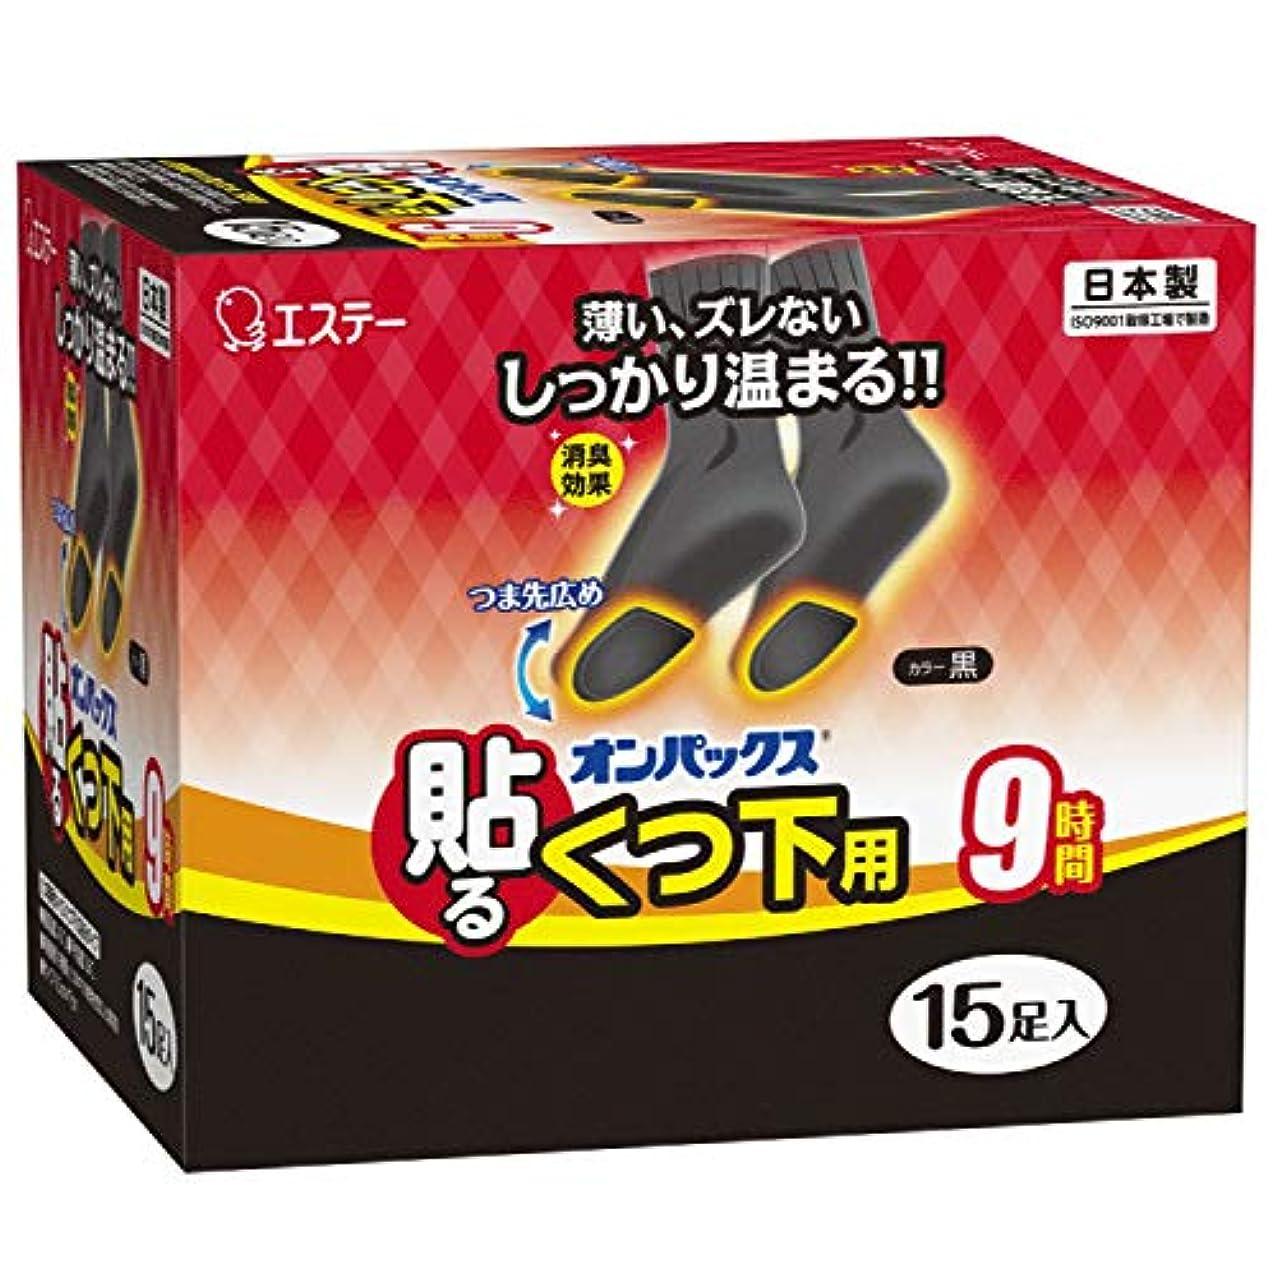 怖がらせるセンブランスアクセスできないオンパックス くつ下用 靴下 足 貼るカイロ 黒タイプ 15足入 【日本製/持続時間約9時間】